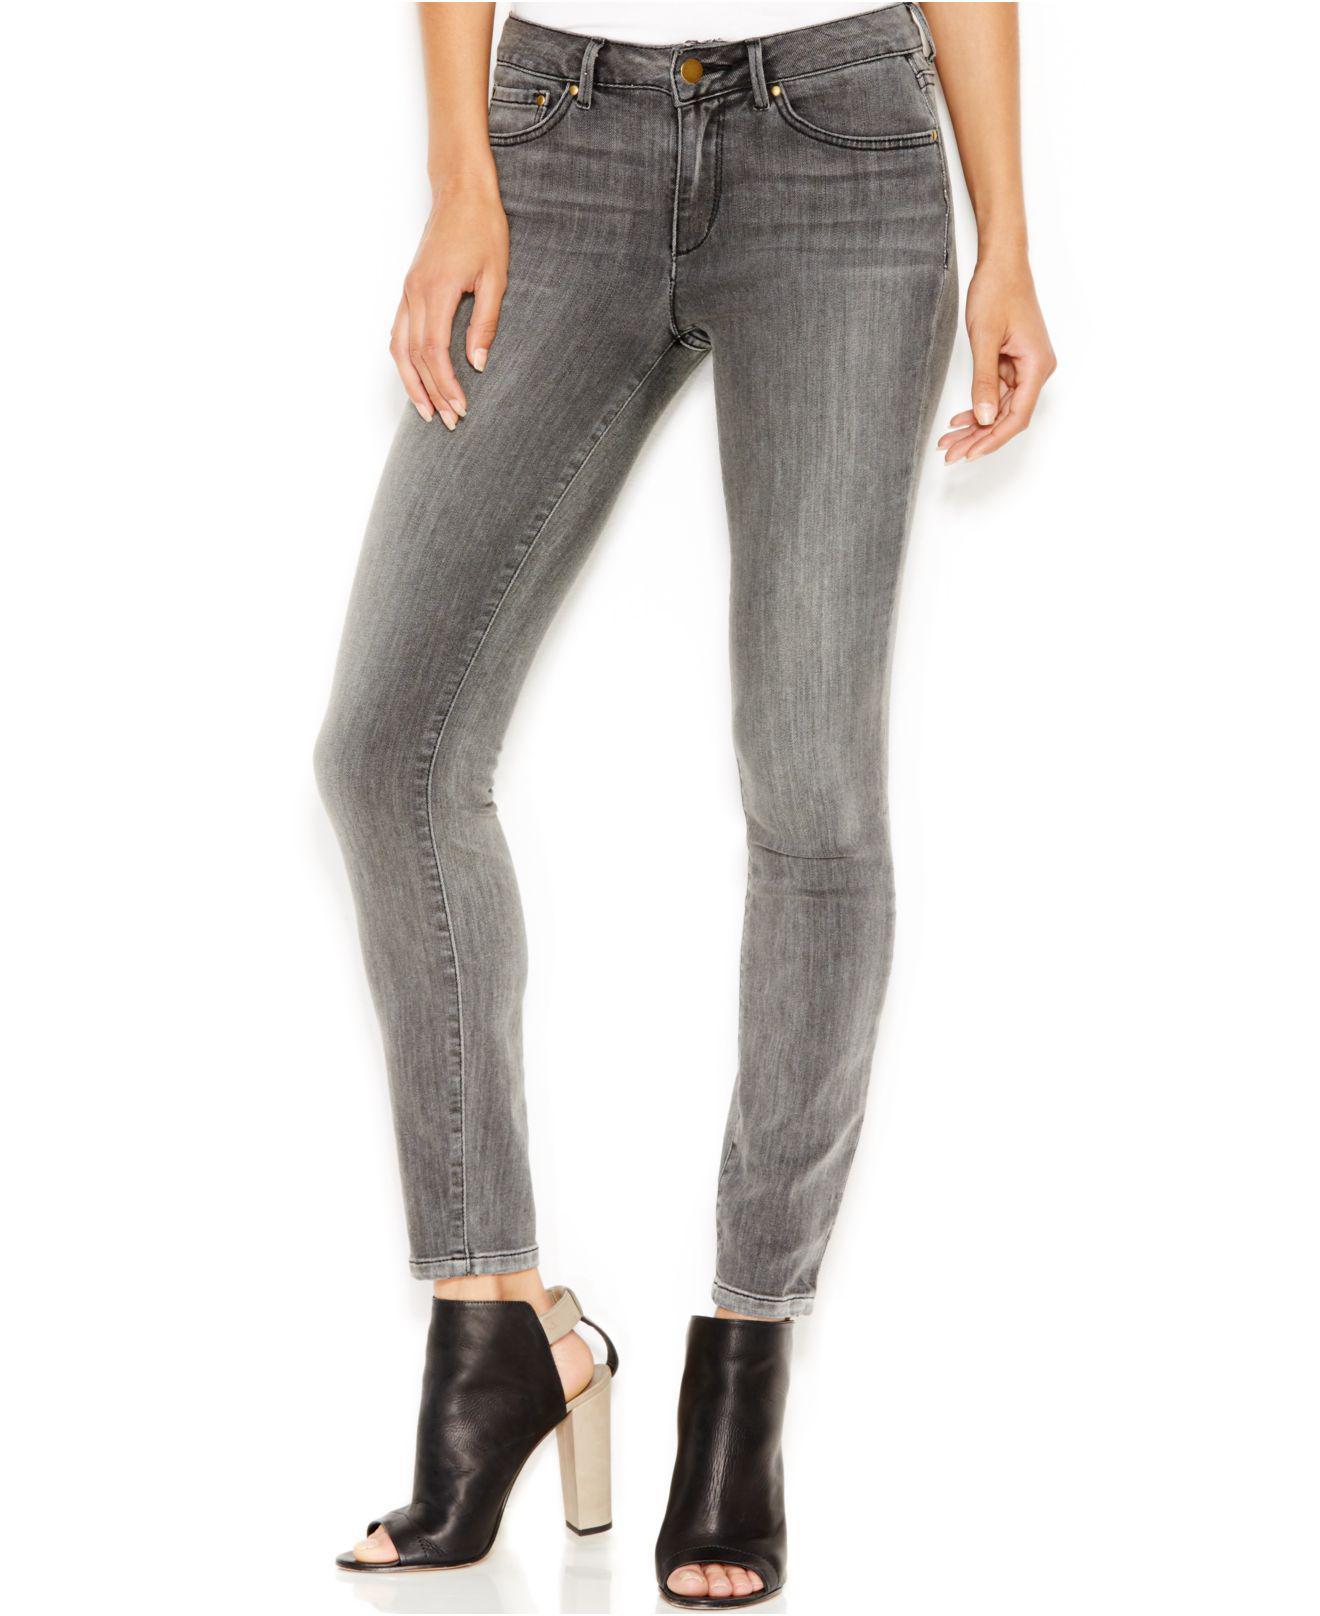 a9cc75d525d38 Lyst - RACHEL Rachel Roy Jeans